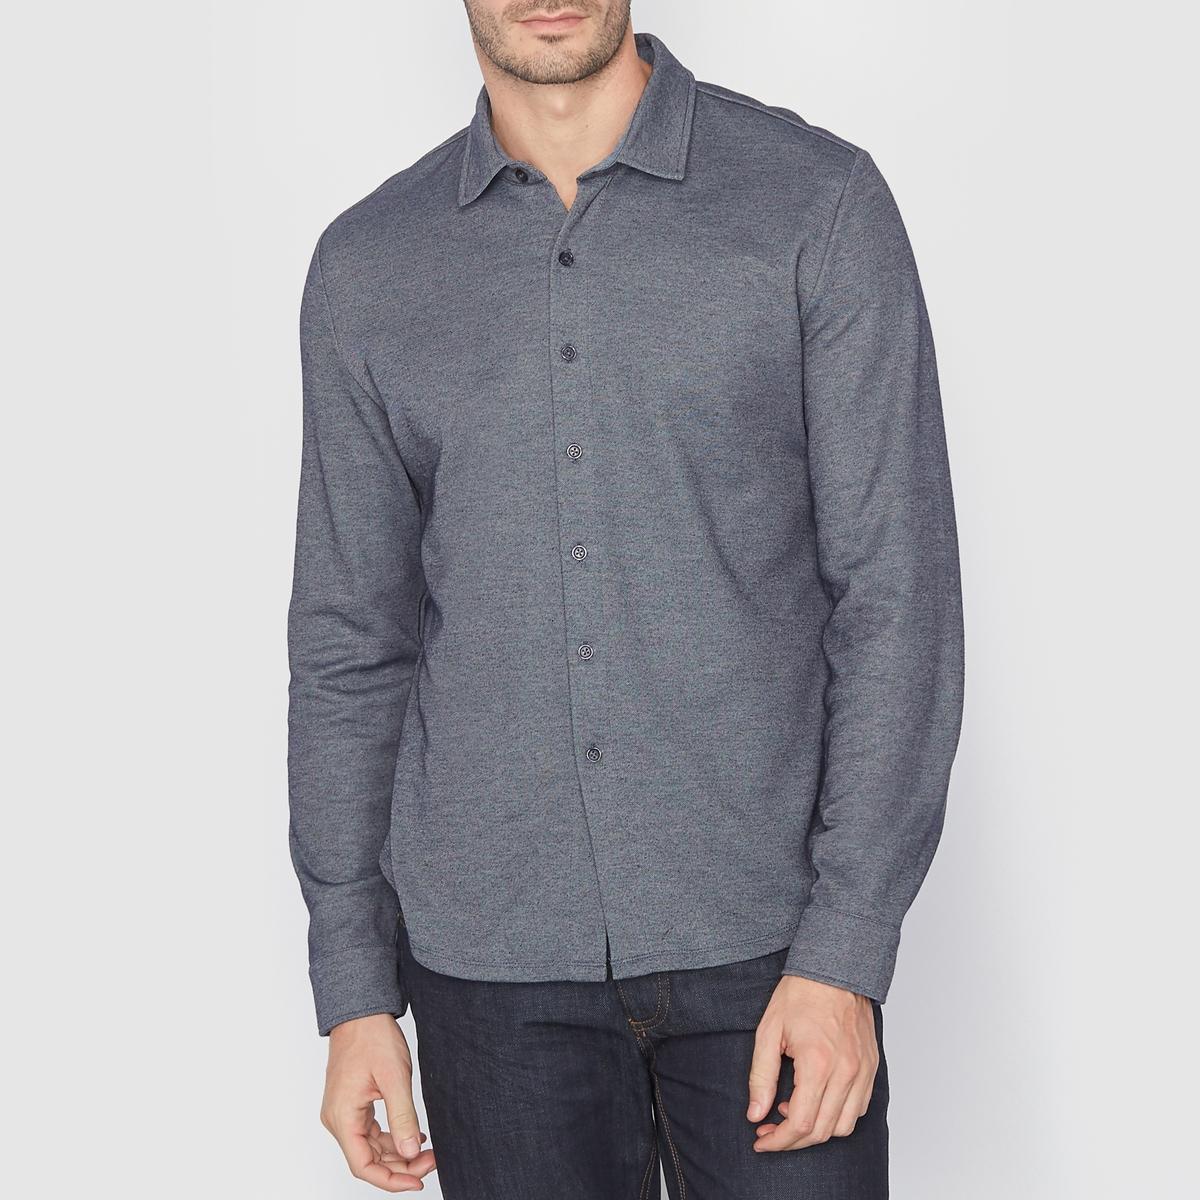 Рубашка из трикотажа. Длинные рукаваТрикотаж 70% хлопка, 30% полиэстера . Узкий покрой (облегающий) . Свободные уголки воротника  . Длинные рукава . Длина 73 см .<br><br>Цвет: темно-синий/белый